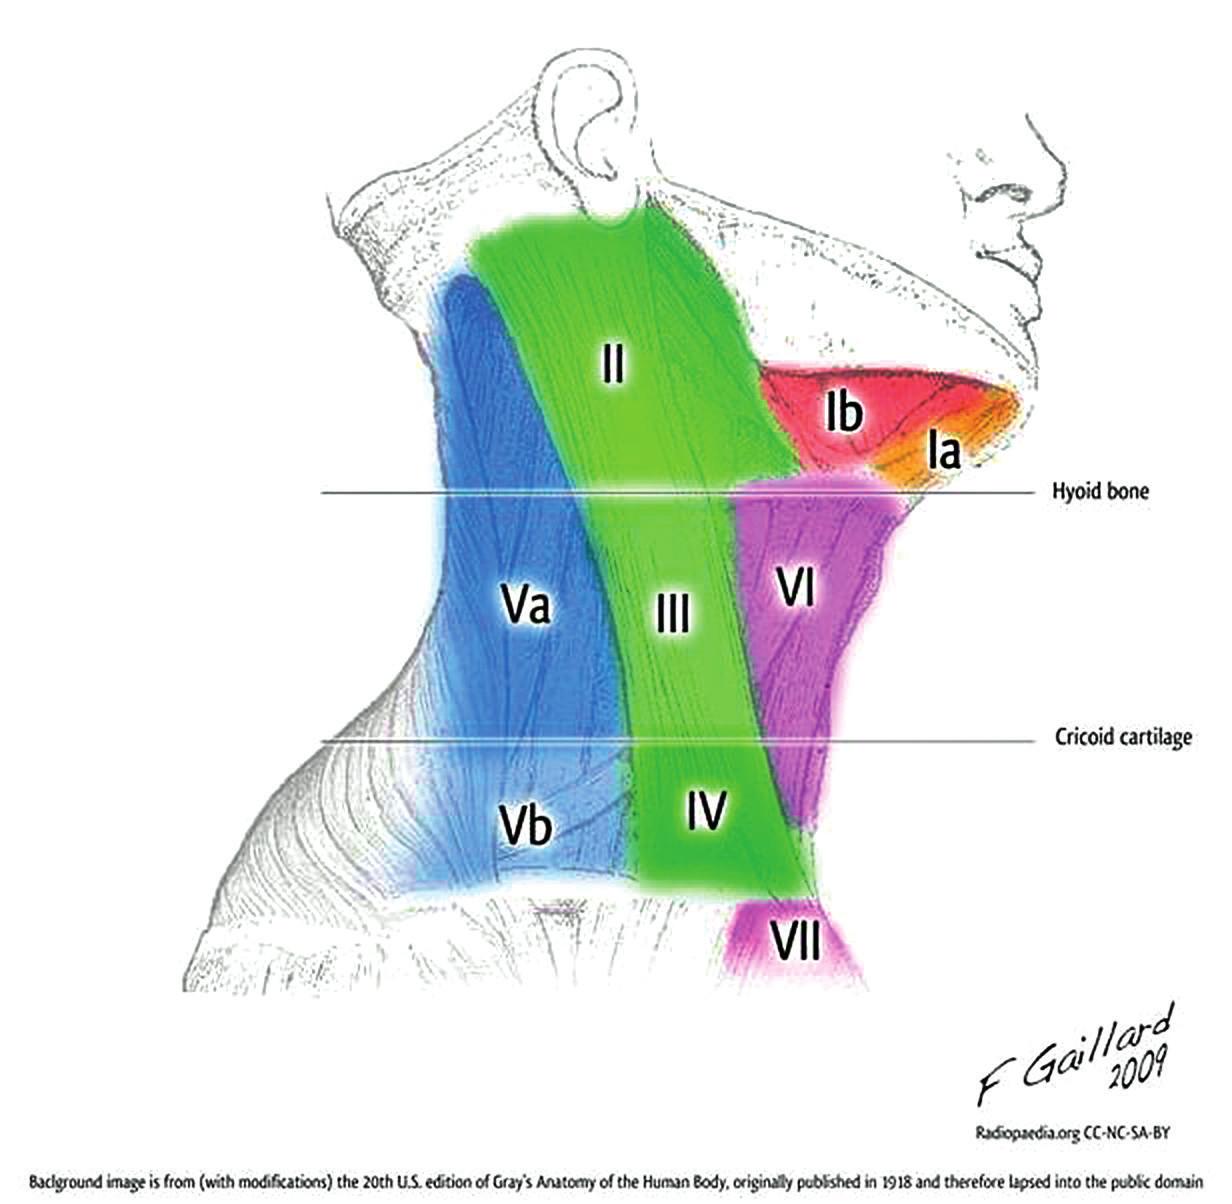 Priestory krku a horného mediastína, anatomicko- -klinické oblasti I-VII (Case courtesy of A. Prof Frank Gaillard, Radiopaedia. org).